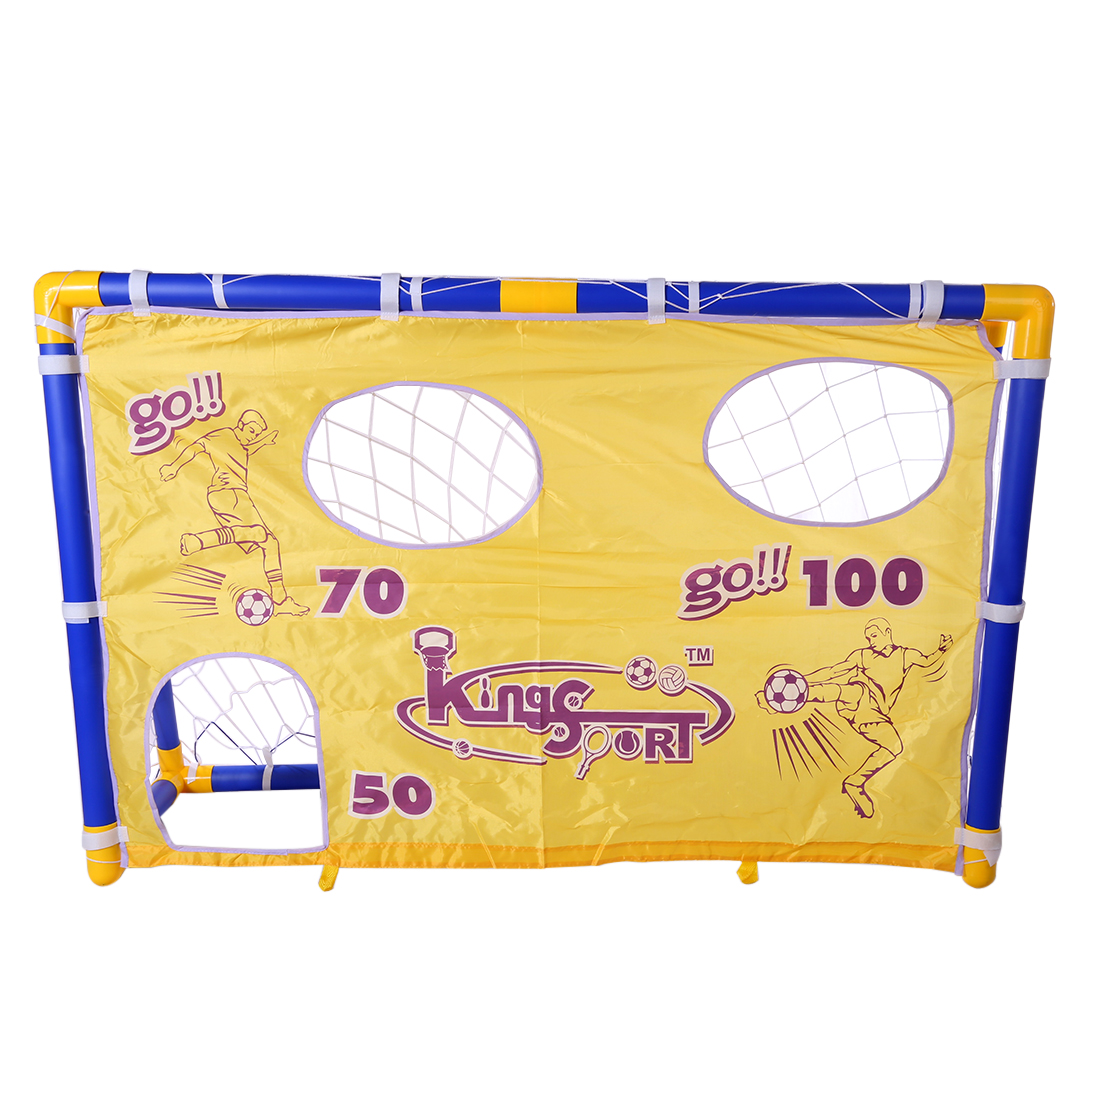 Portatile Pieghevole Goal di Calcio Per Bambini Set Porta di Calcio Cancello Calcio per Bambini Formazione Netto